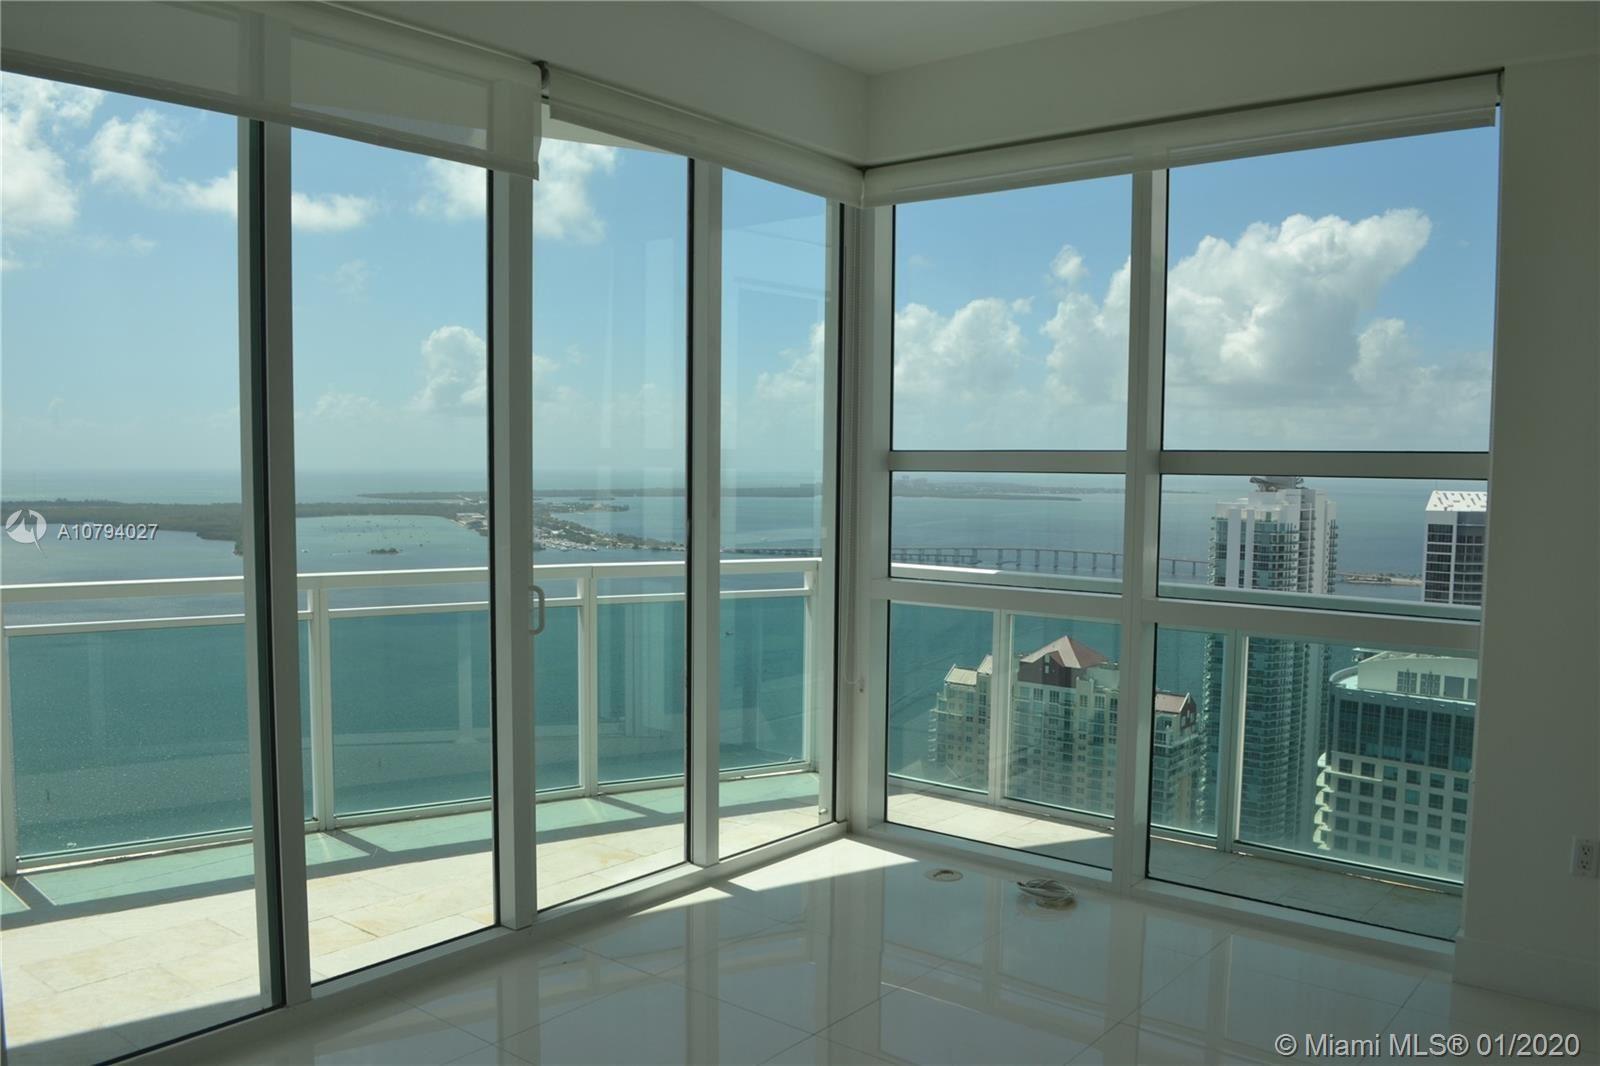 950 Brickell Bay Dr #5311, Miami, FL 33131 - #: A10794027